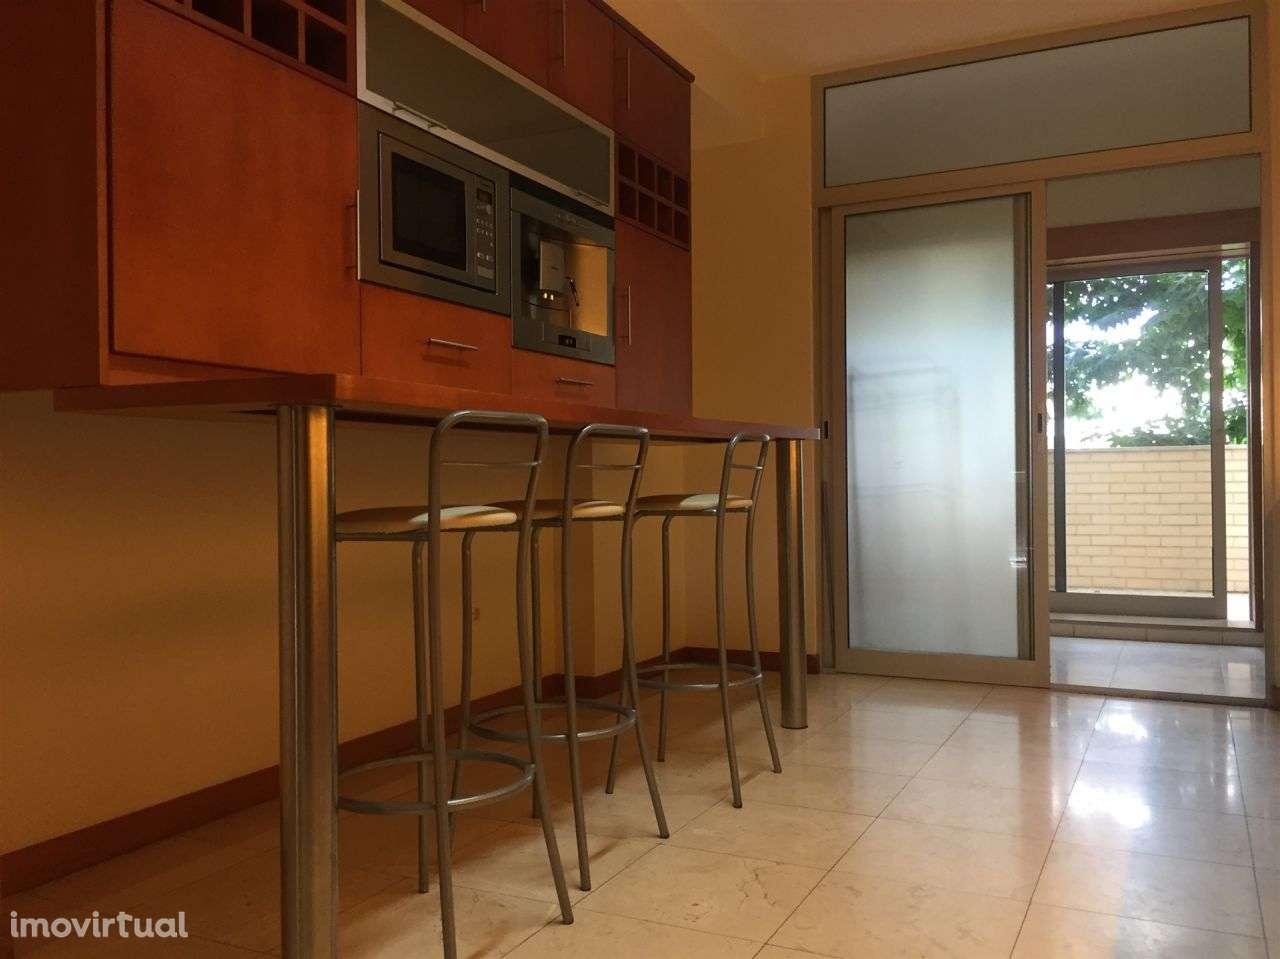 Apartamento para comprar, Pedrouços, Maia, Porto - Foto 1